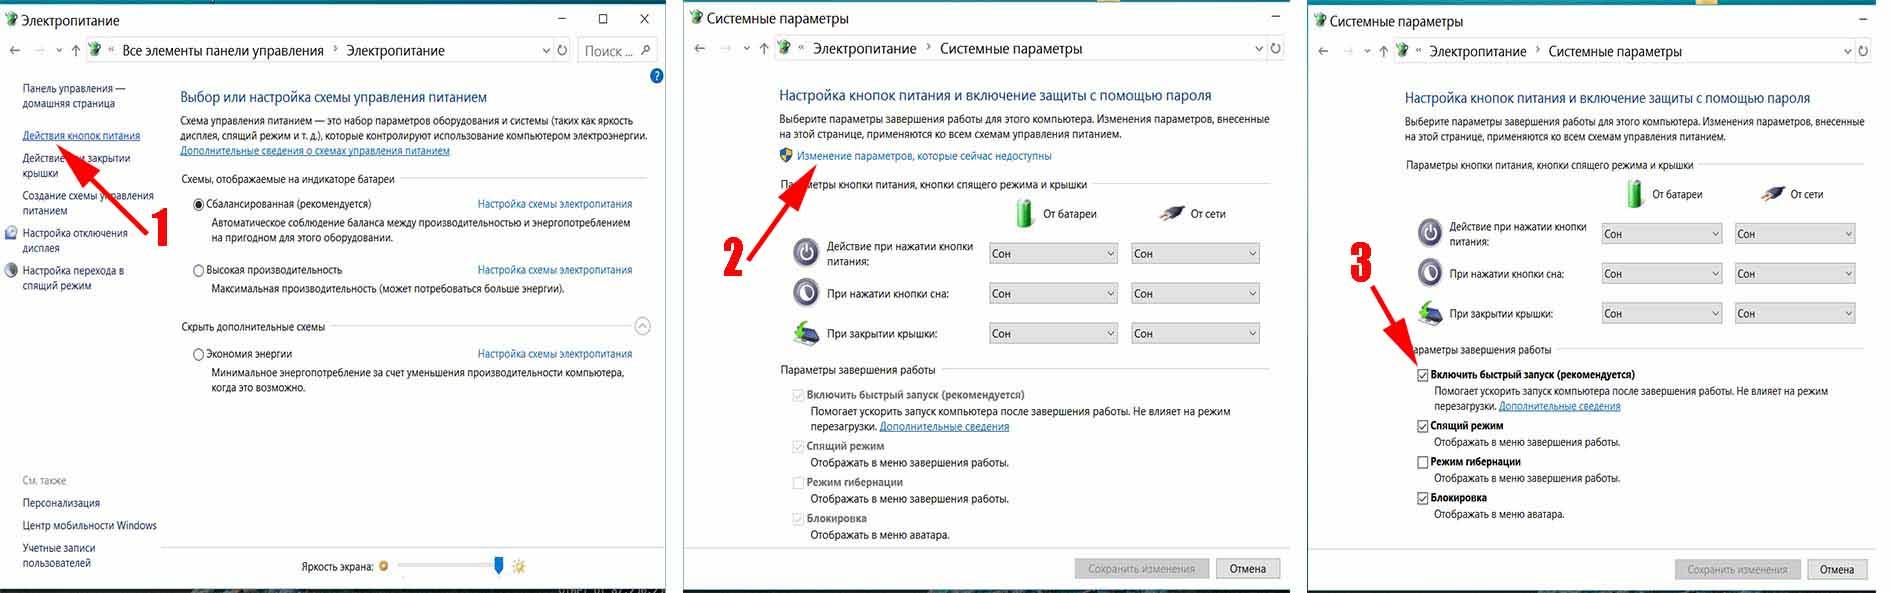 как открыть на ПК bios с Windows 10